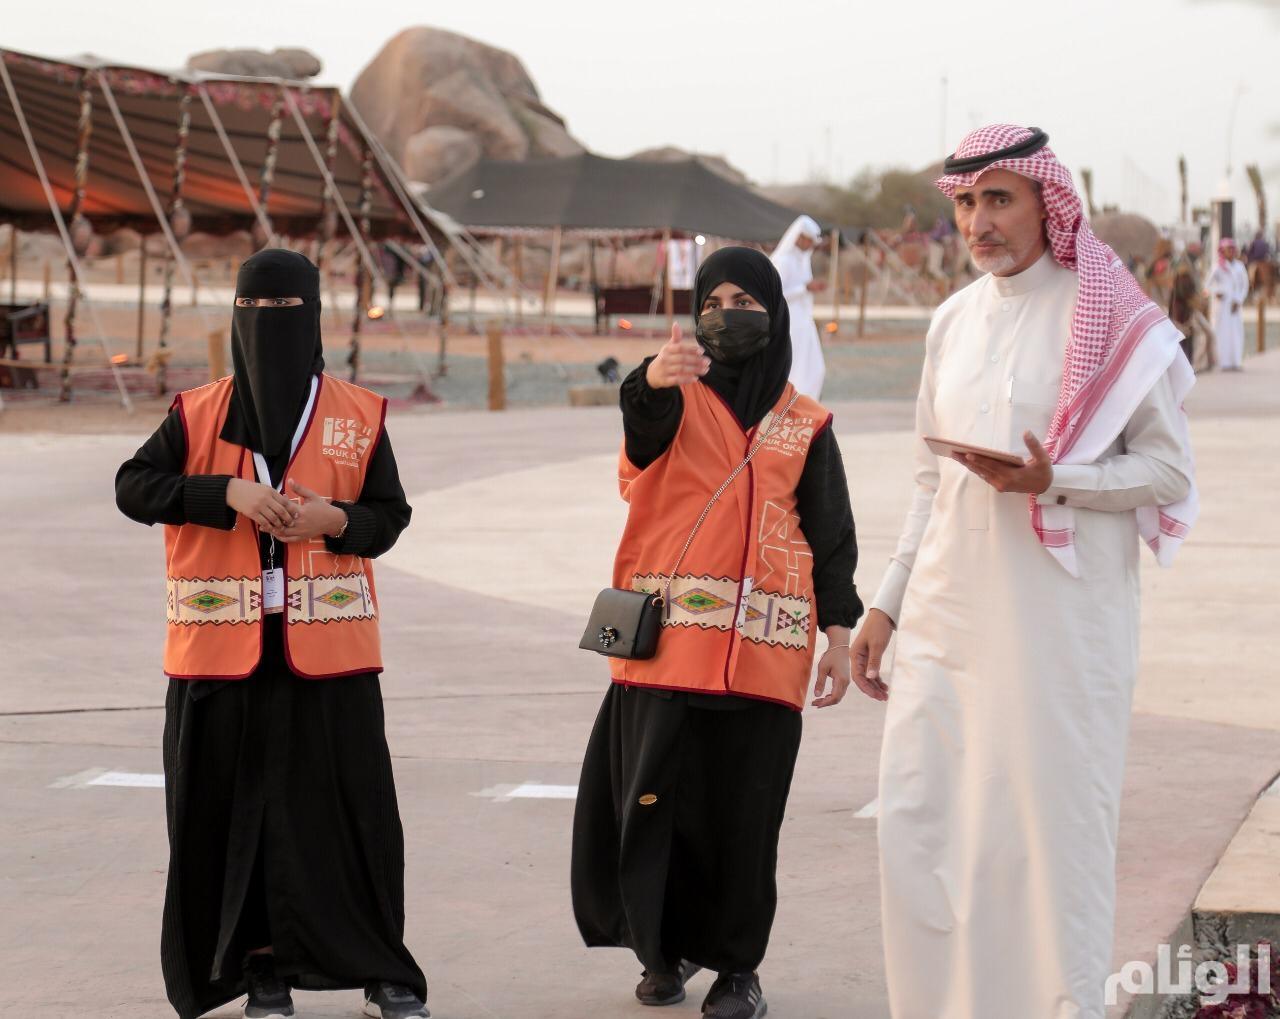 متطوعون ومتطوعات موسم الطائف.. لمسات إنسانية وتنظيم لانسيابية الزوار